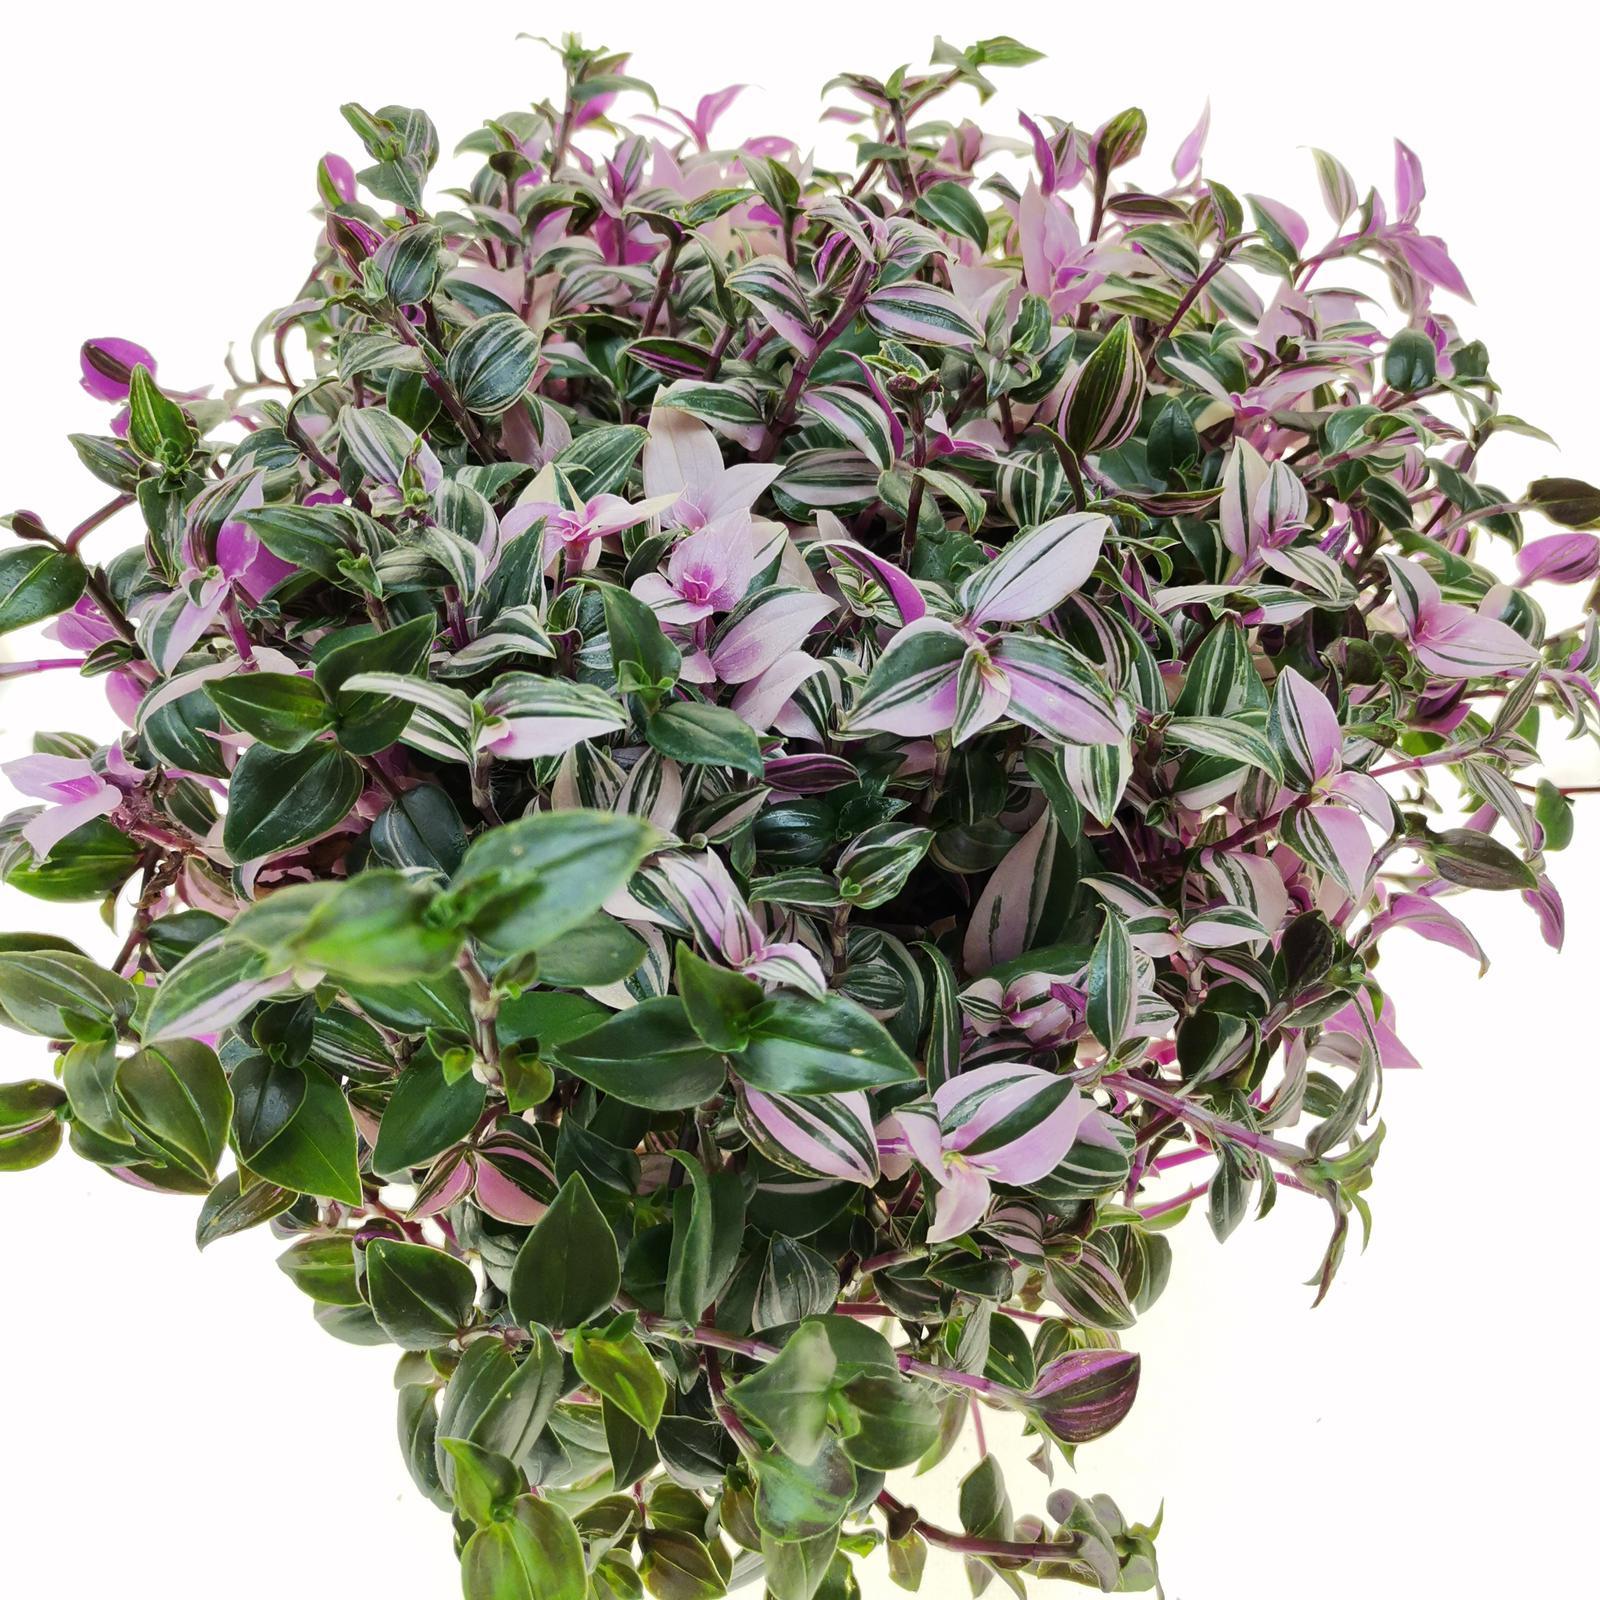 Tradescat tricolora fluminent/tahavy izb.kvet  - Obrázok č. 1